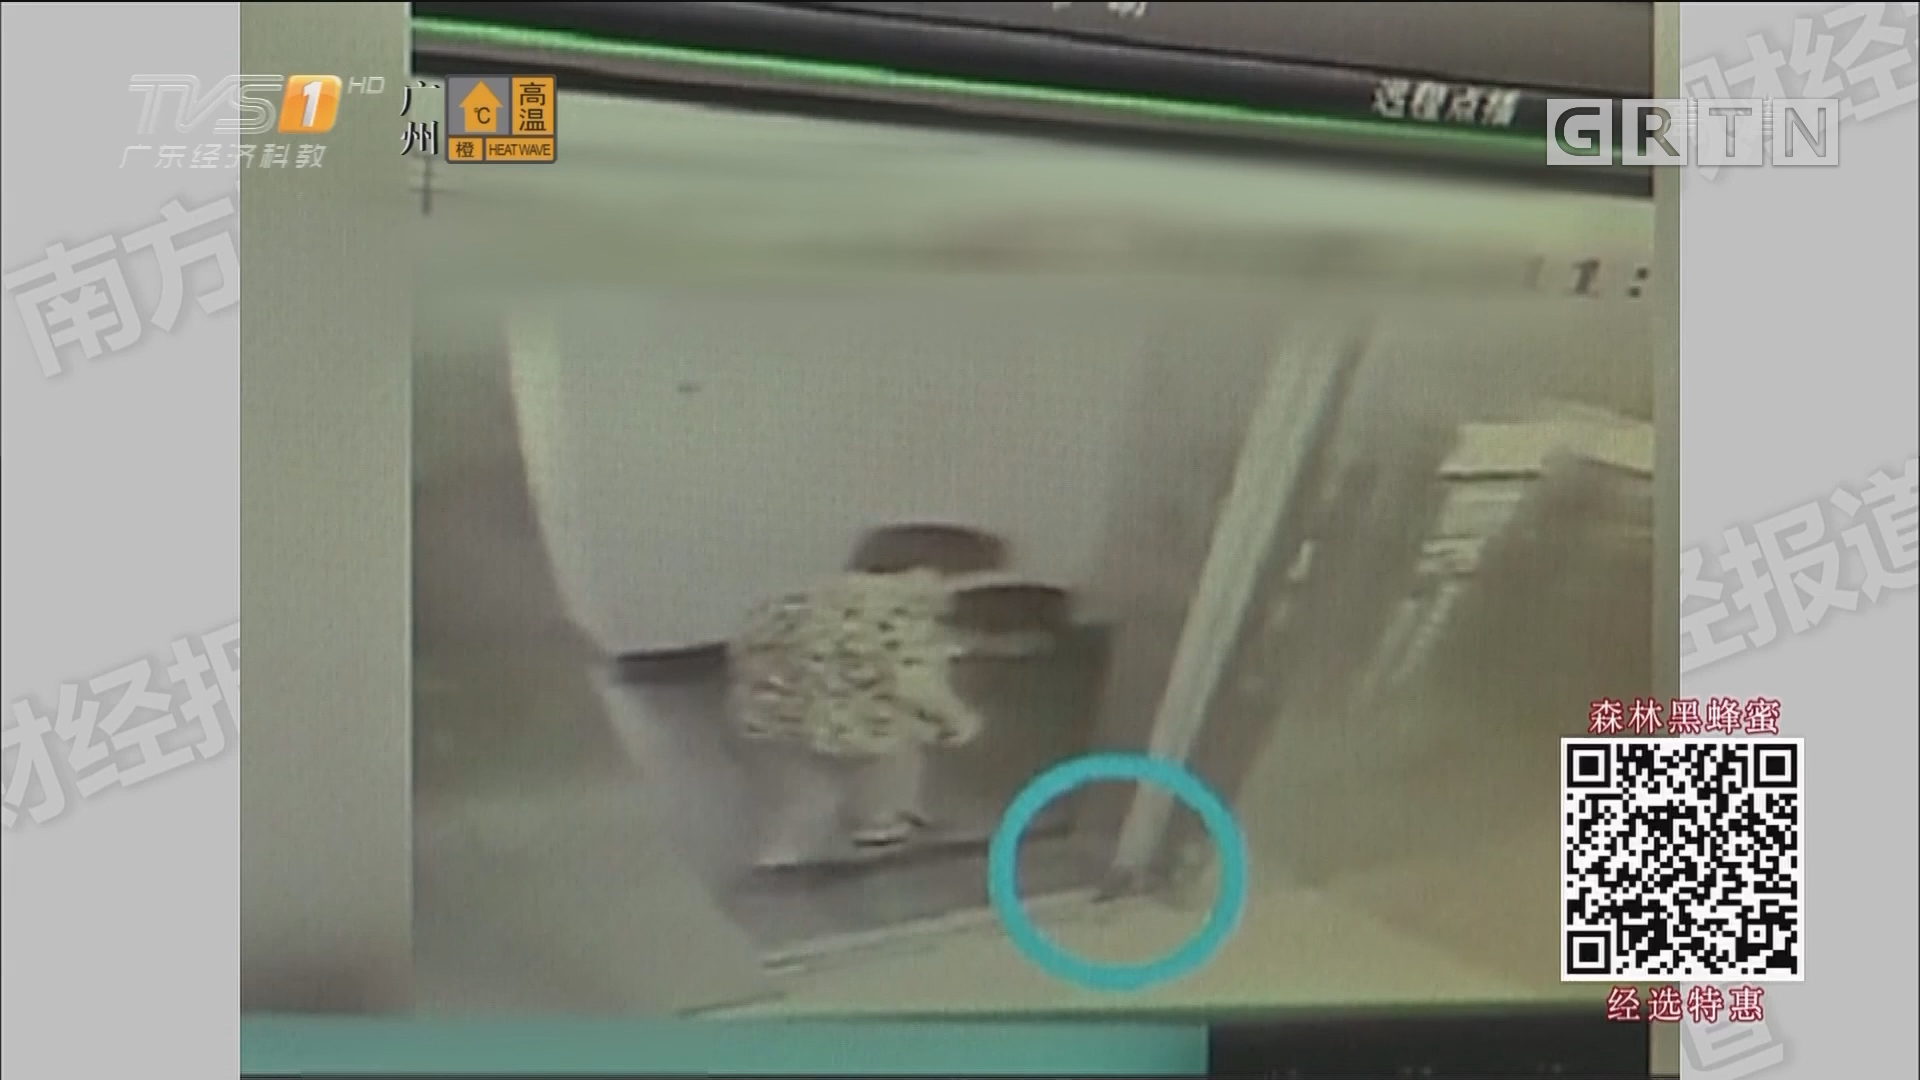 电梯感应有盲区 一个杯子引发电梯爆炸